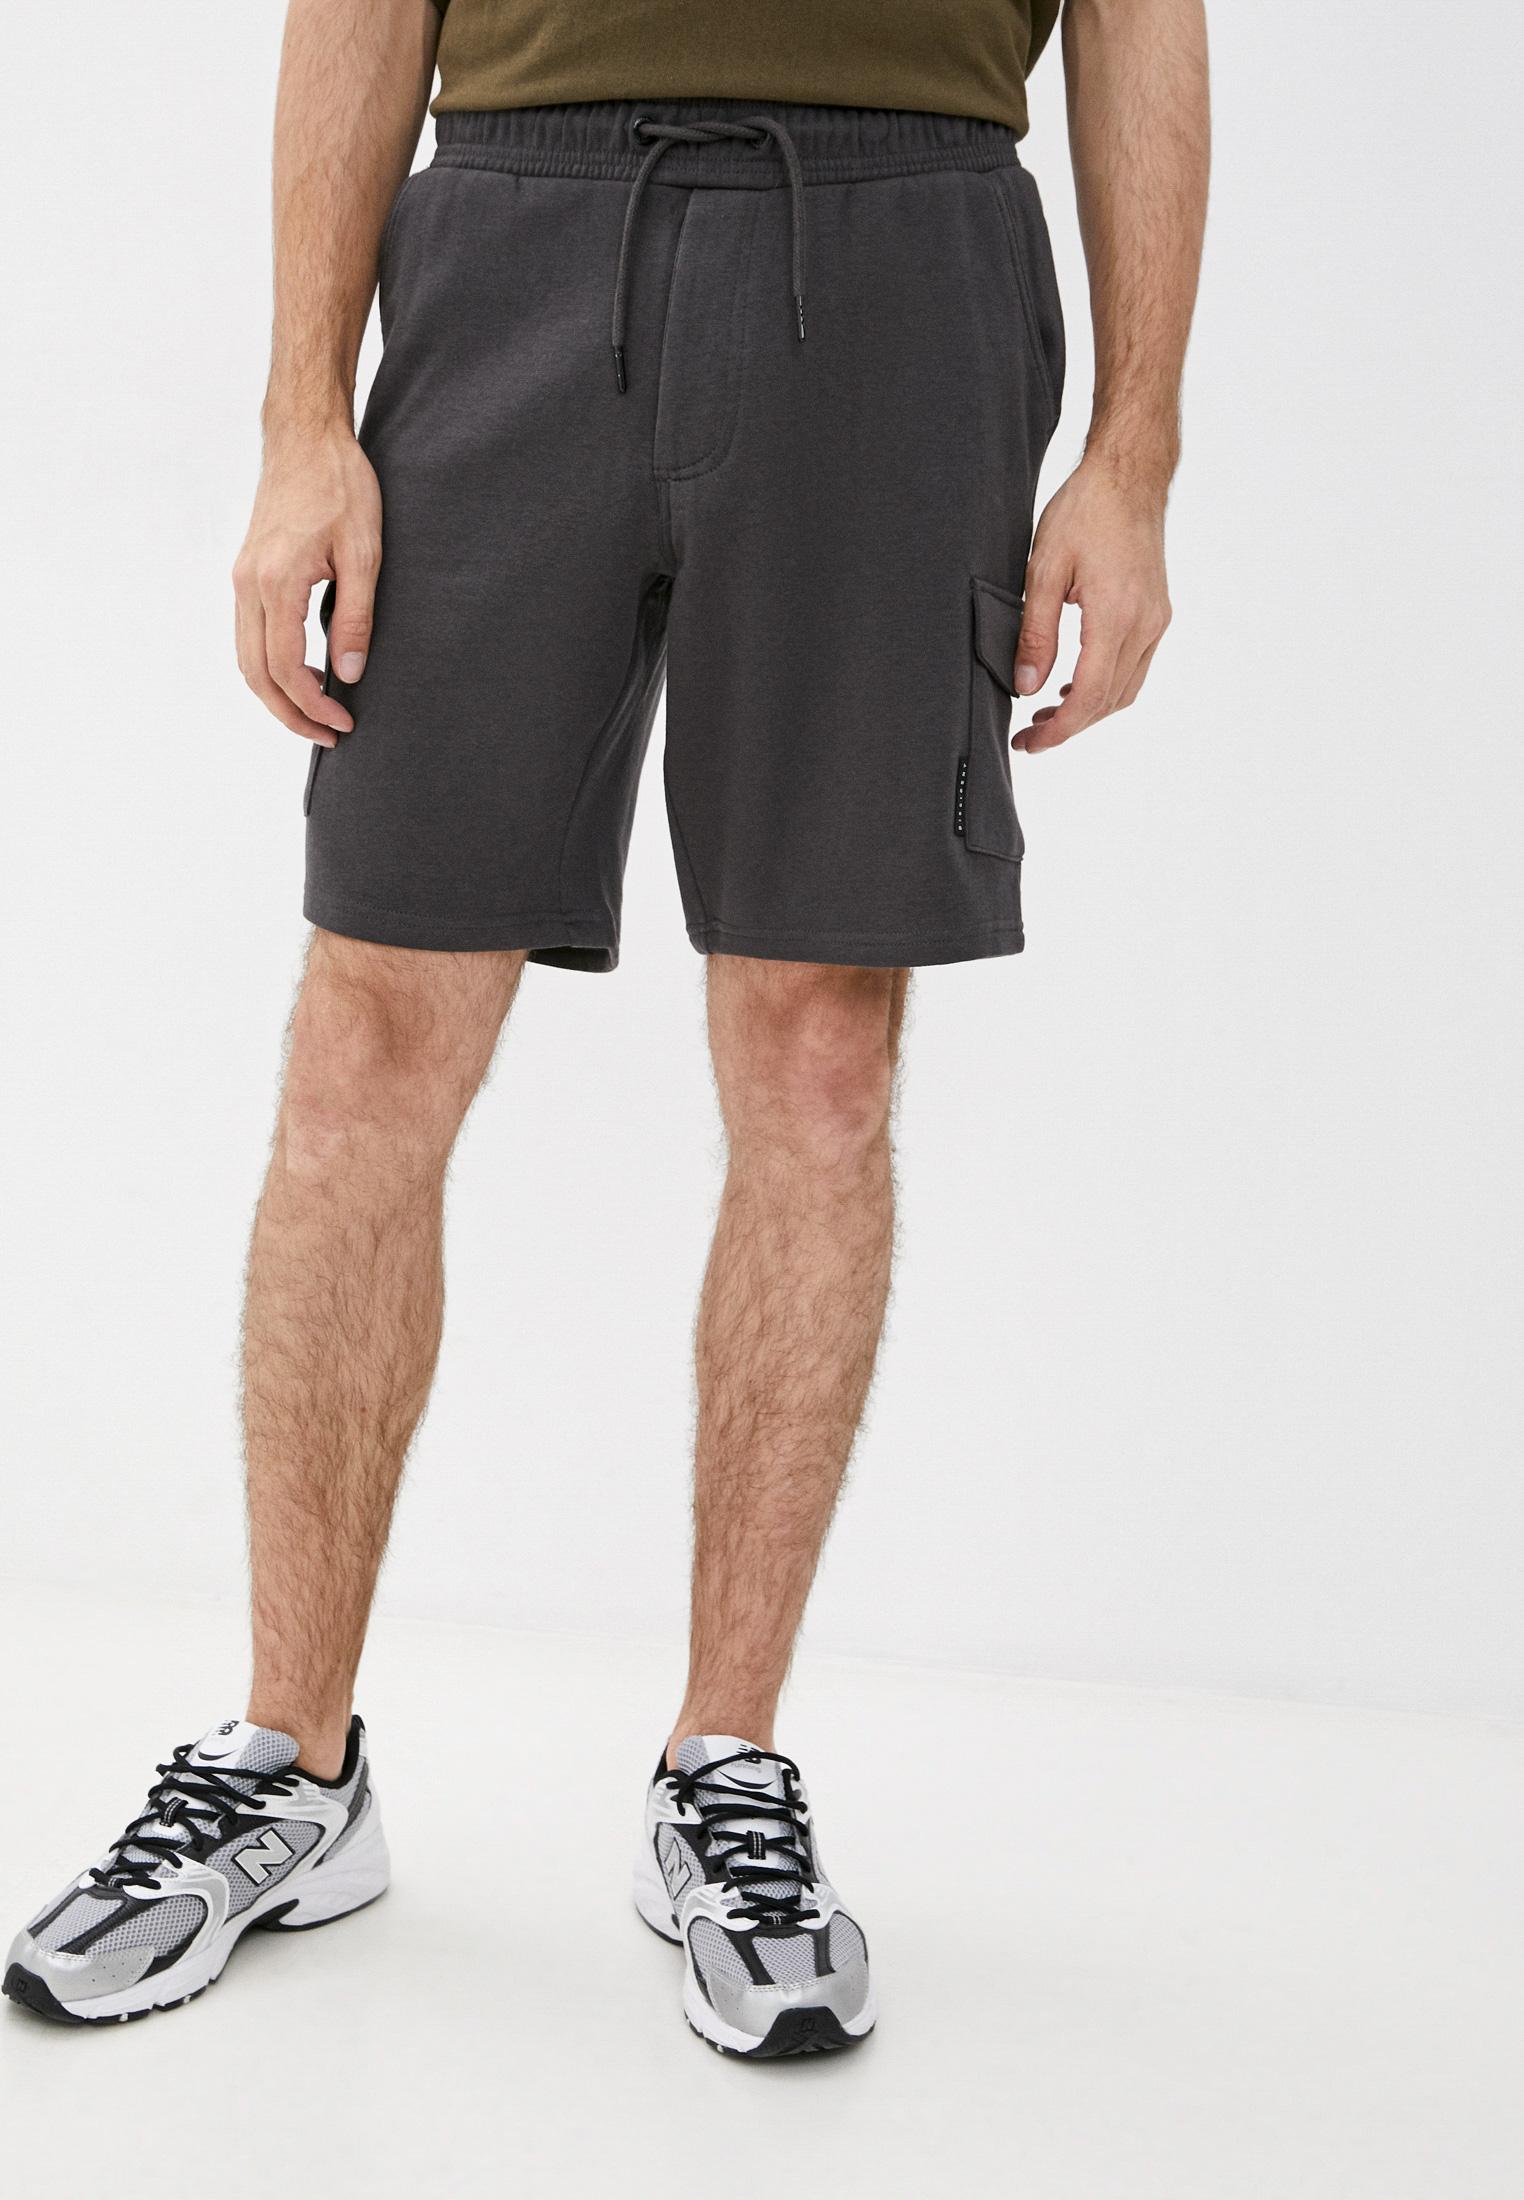 Мужские повседневные шорты DISSIDENT Шорты спортивные Dissident